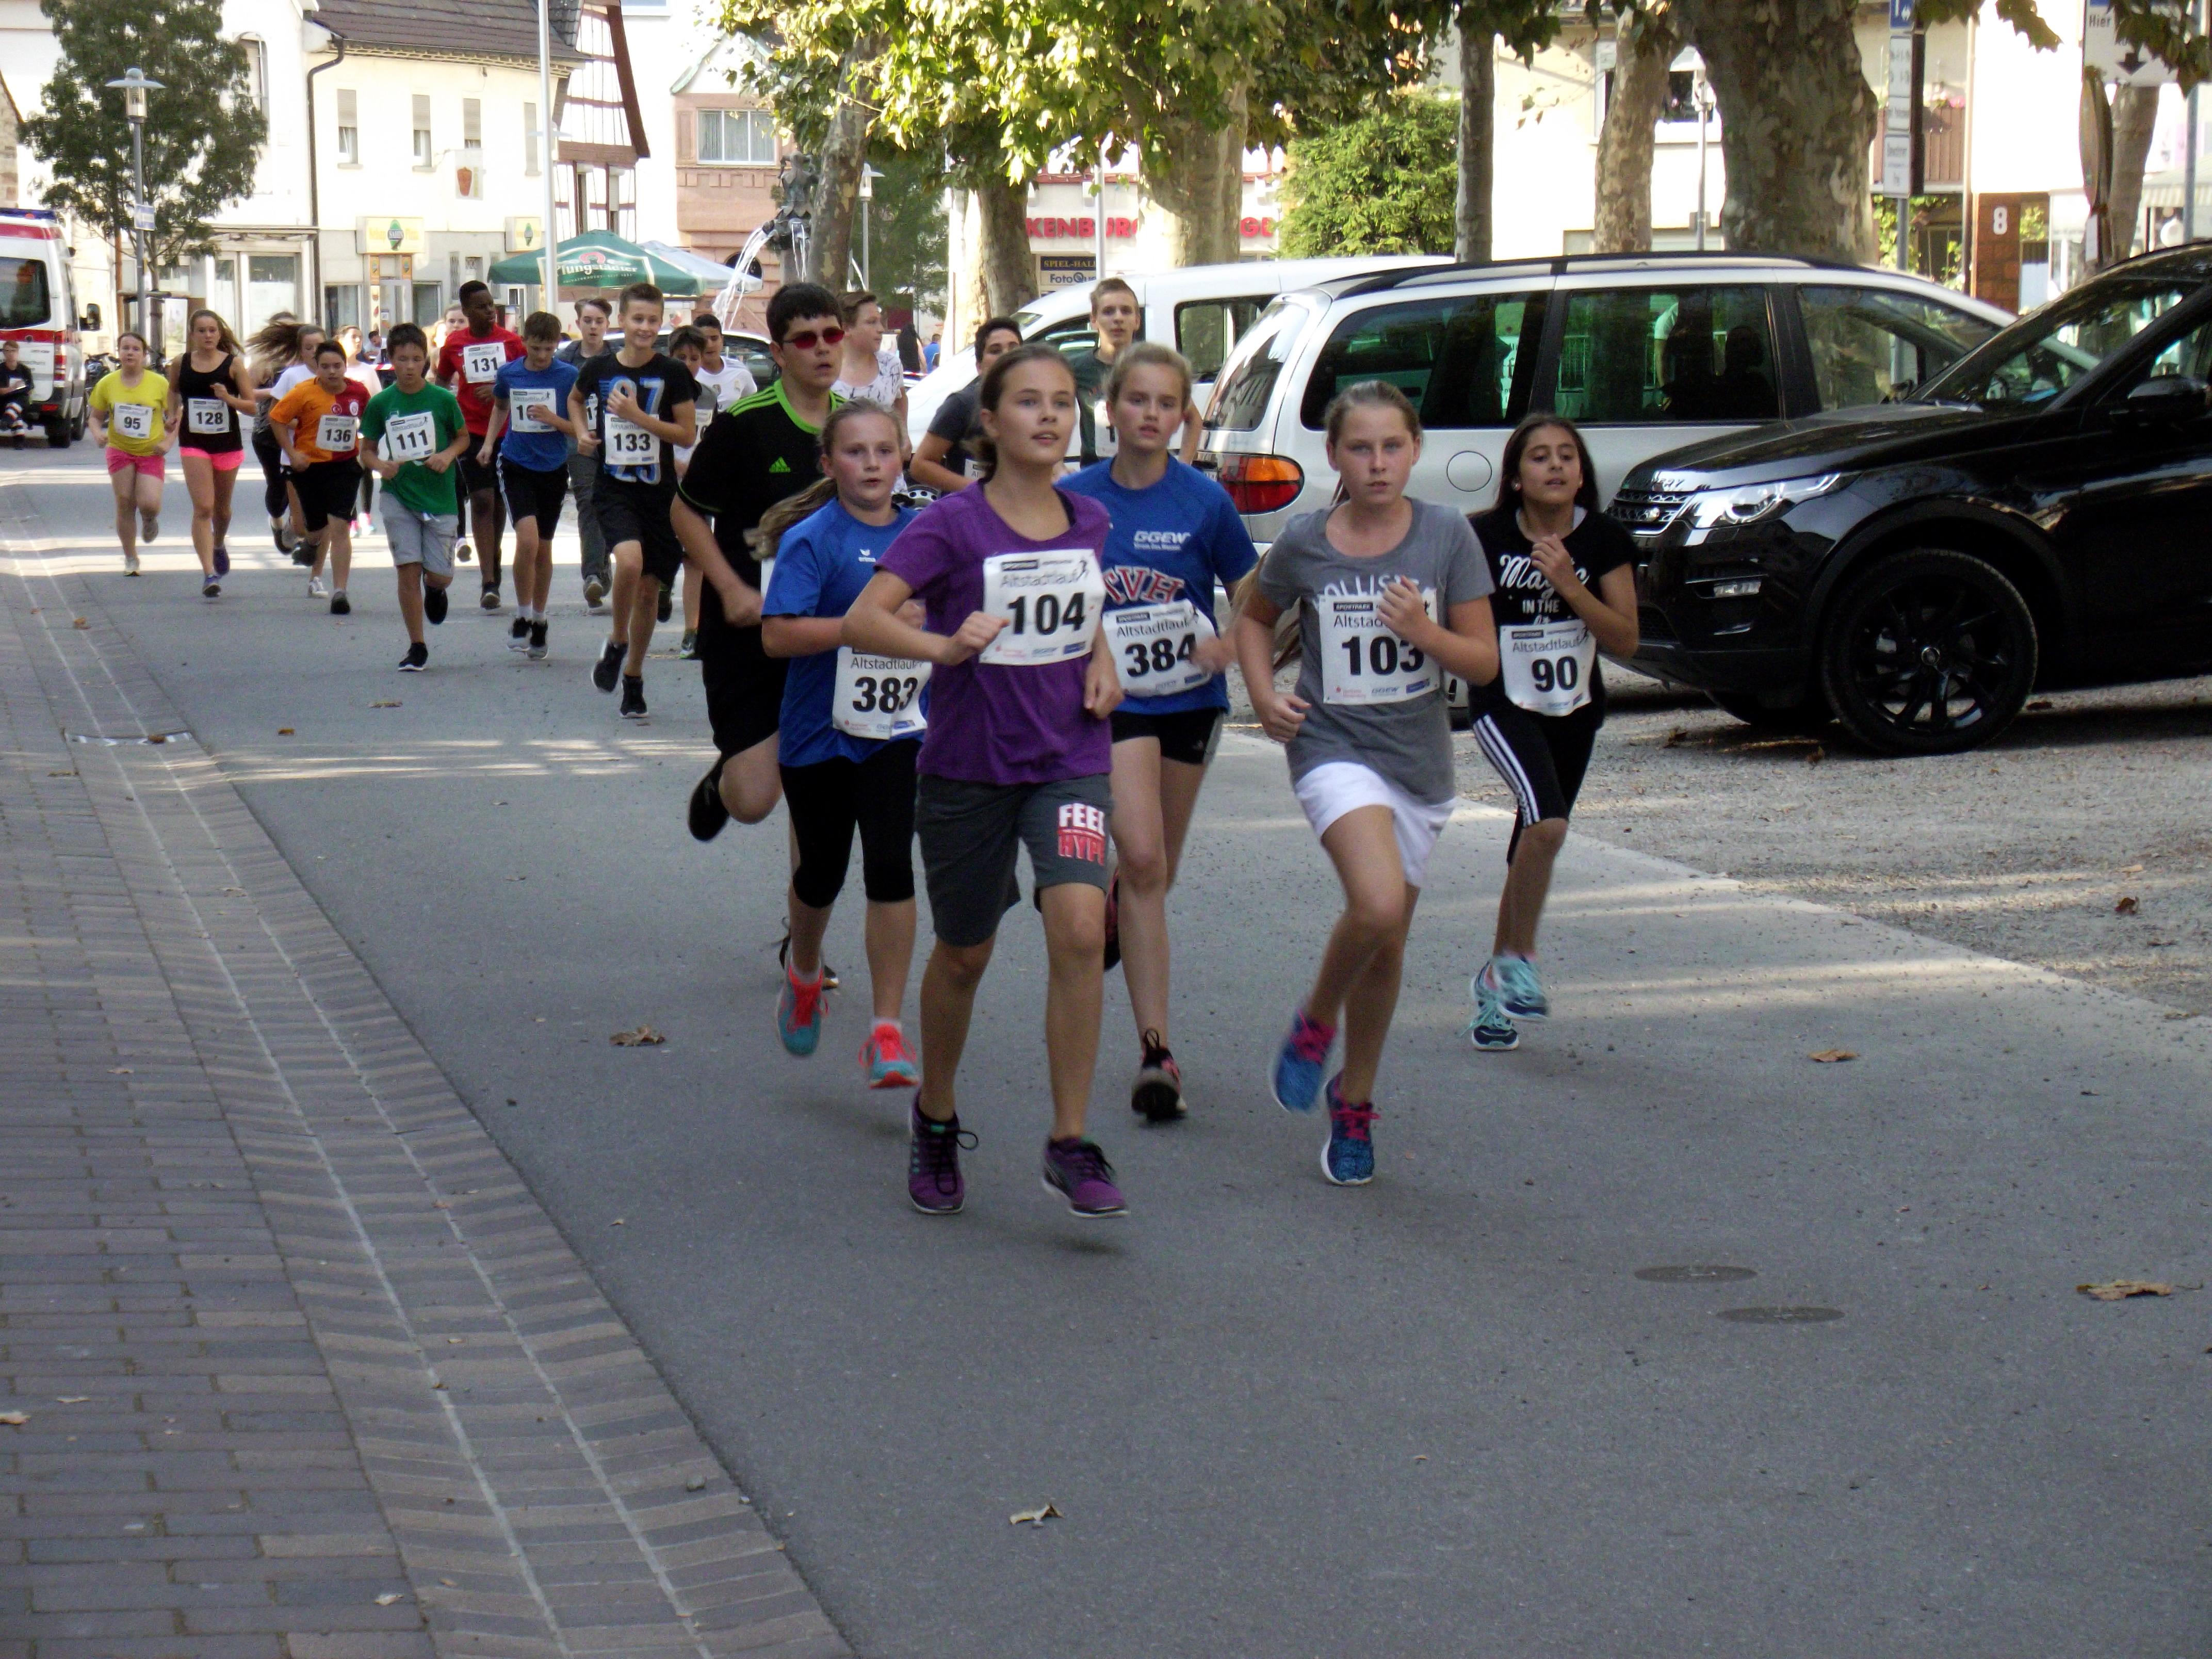 Sportpark Heppenheim Altstadtlauf 2016